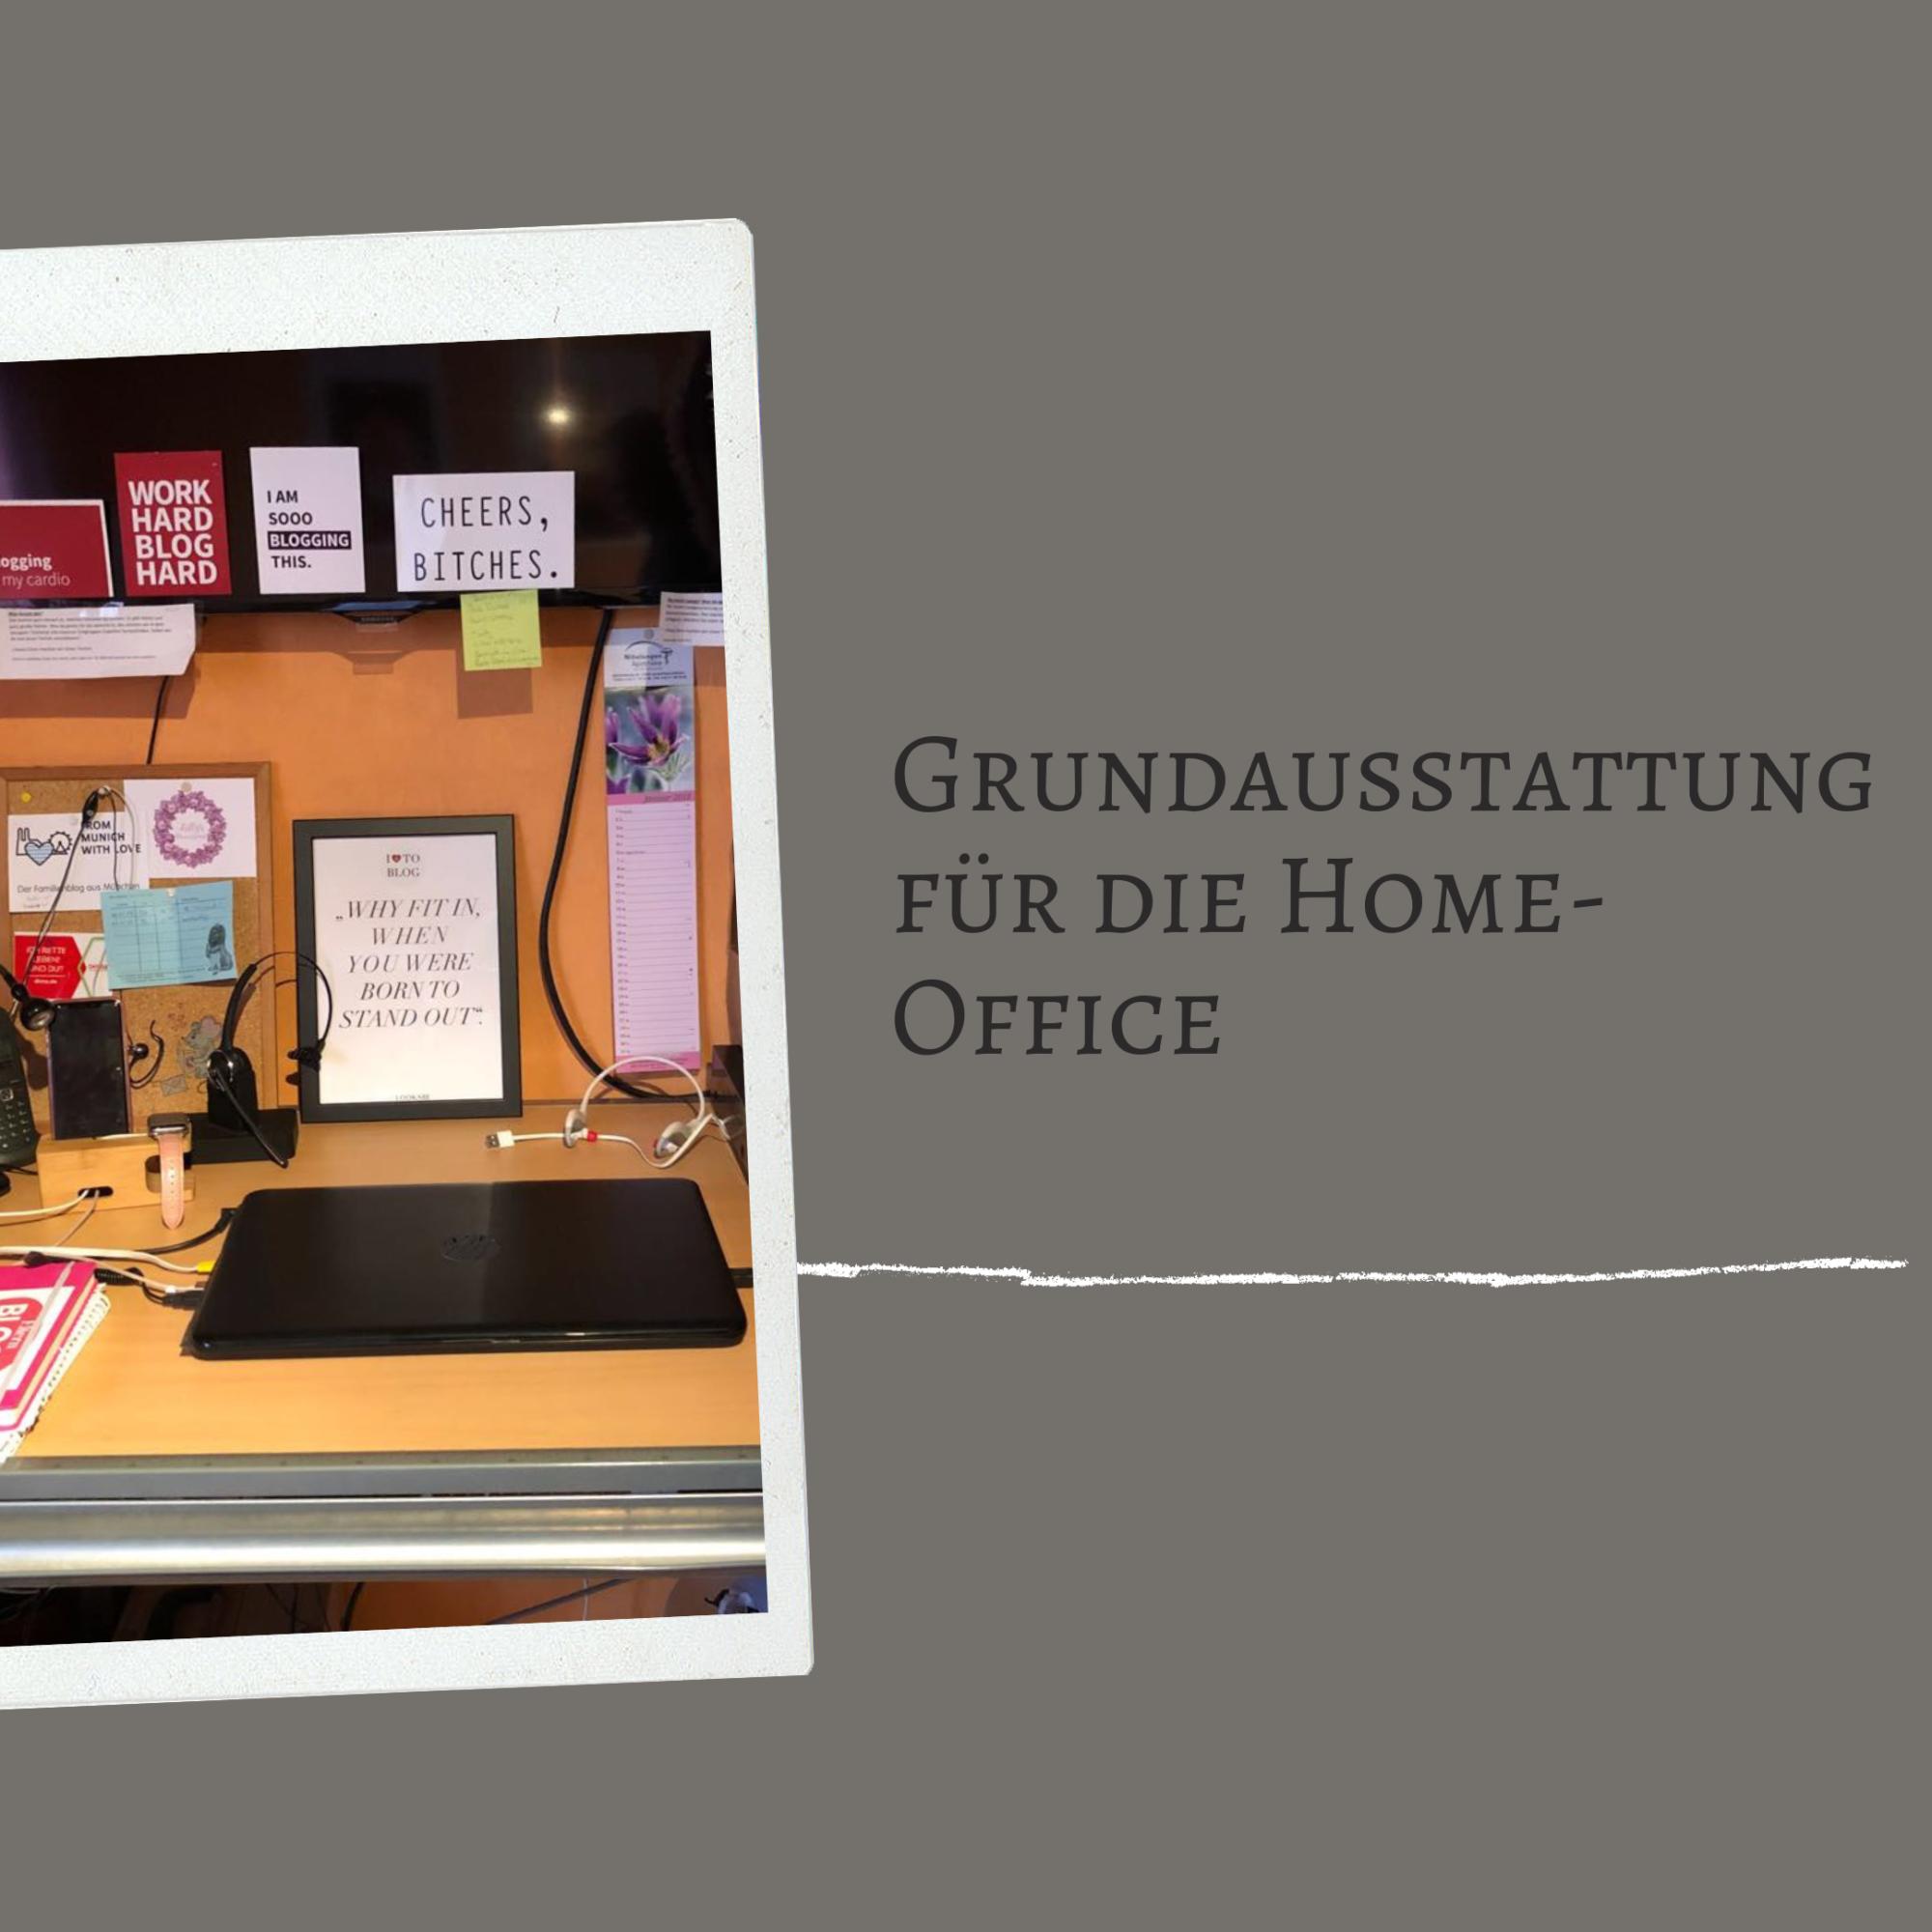 Grundausstattung; Equipment; Home Office; Ausstattung; Computer; Büro Ausstattung;